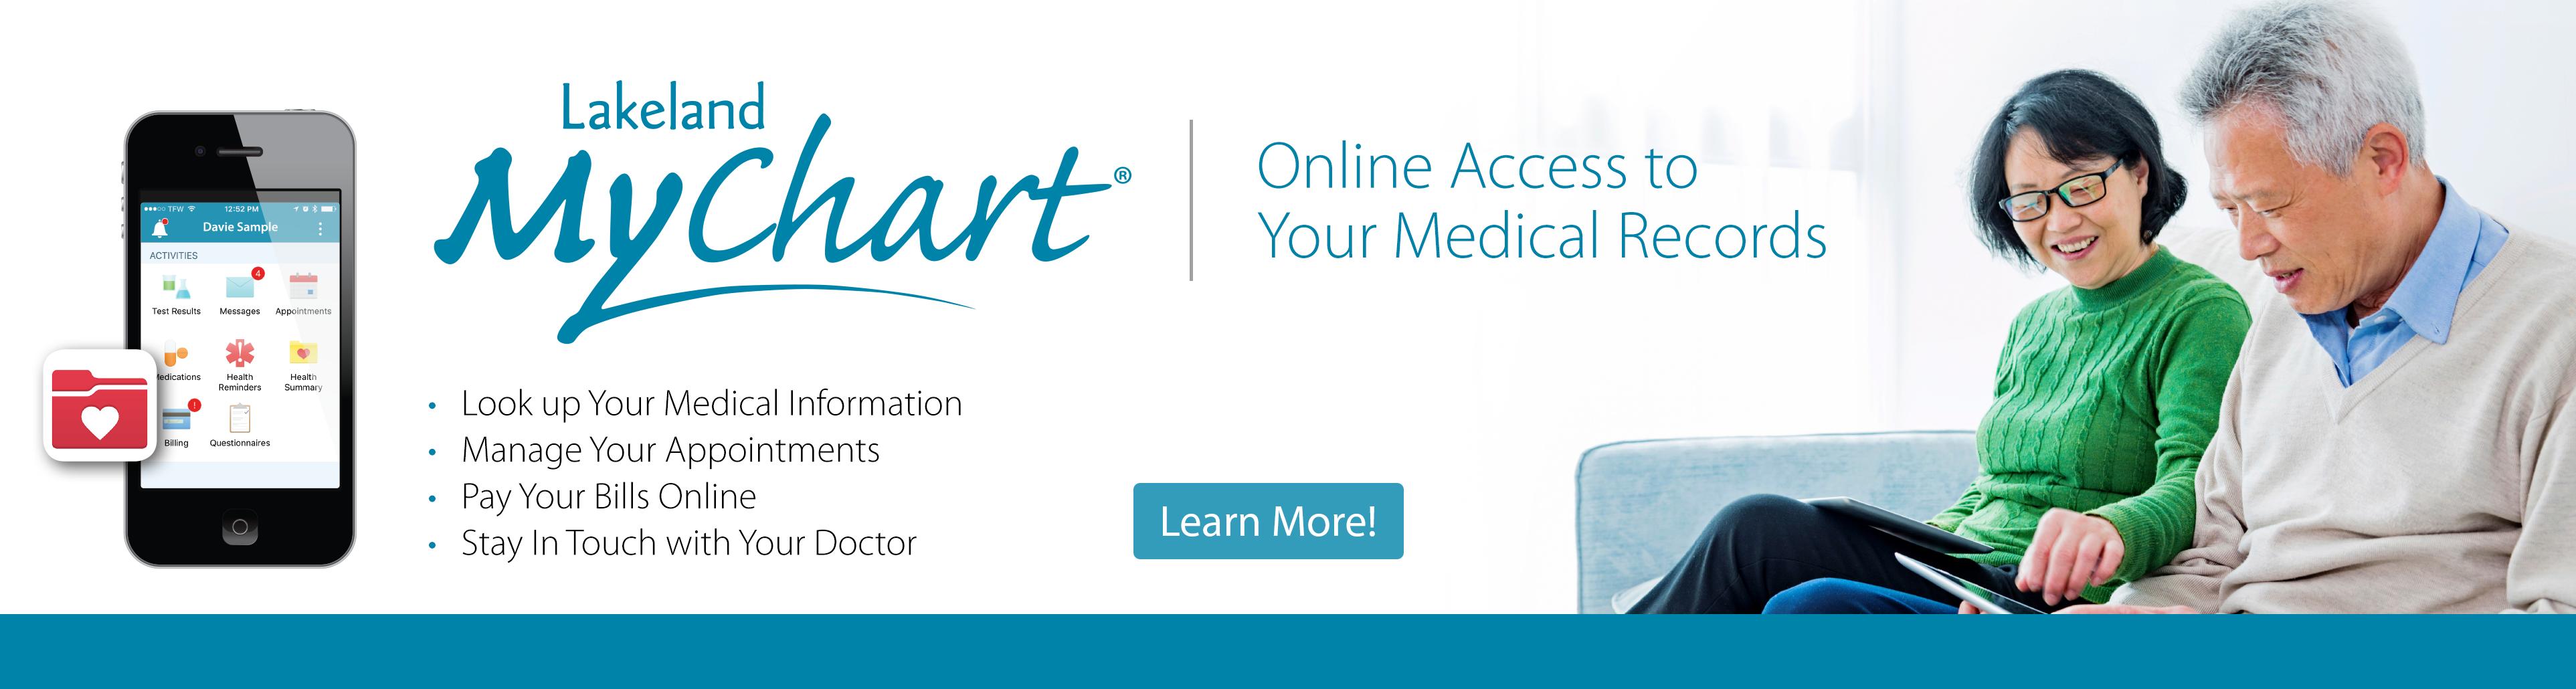 Image Promoting Lakelands Online Health Information System Mychart